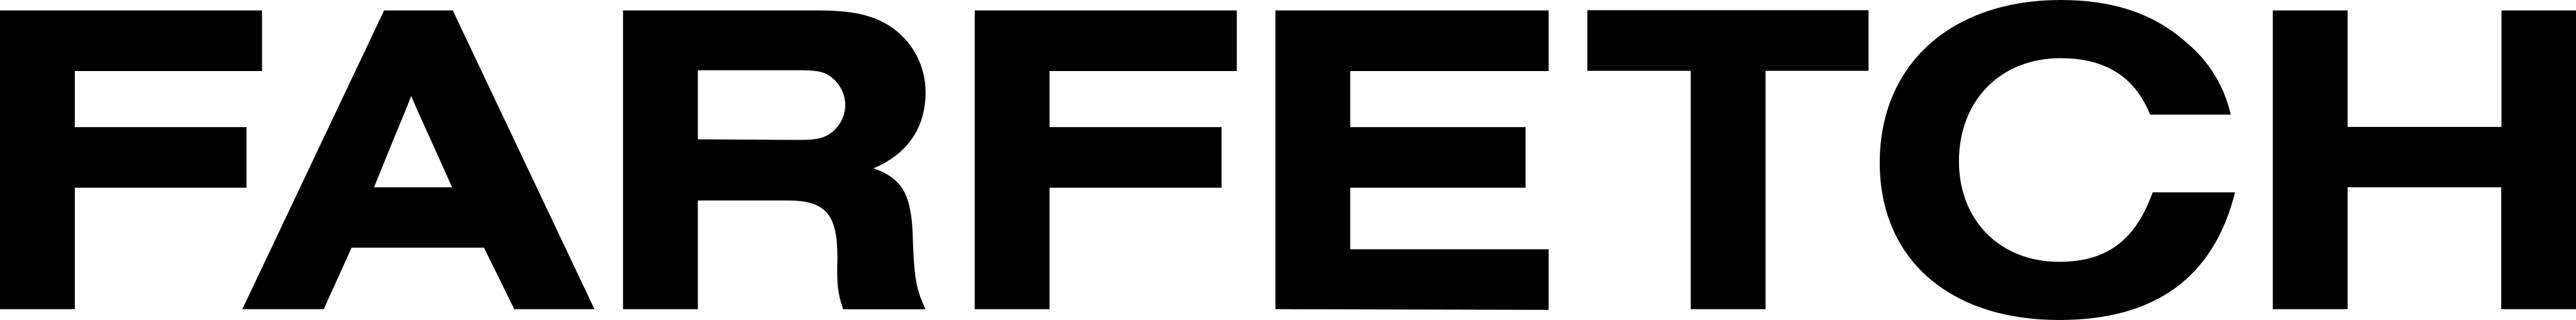 Farfetch Logo.